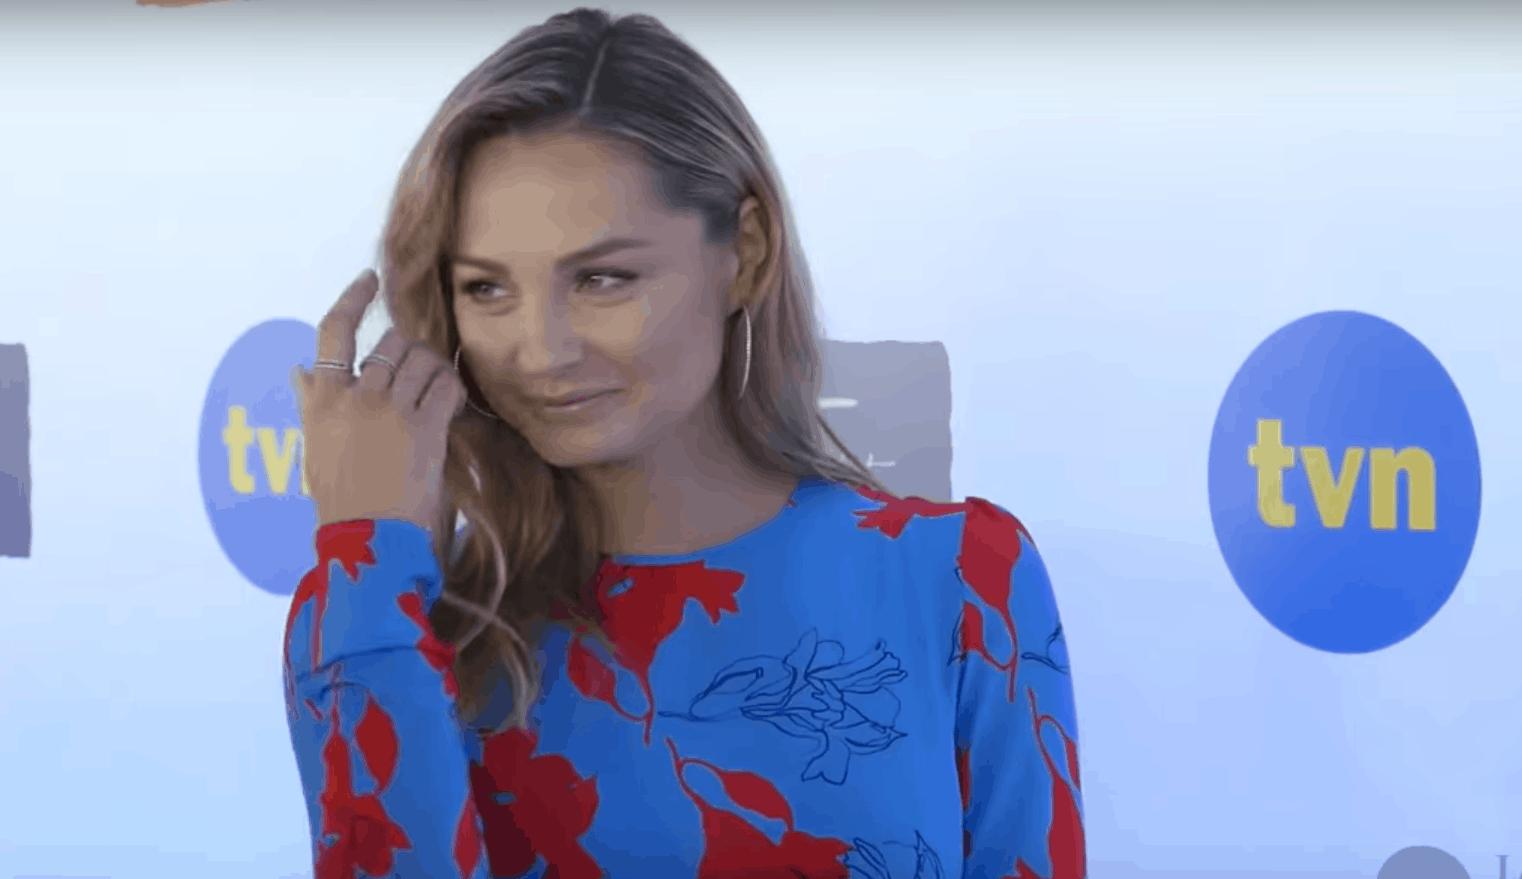 Małgorzata Socha (Na wspólnej, TVN i Przyjaciółki, Polsat) pokazała swój naturalny wygląd na portalu Instagram, fani wyrazili swój zachwyt